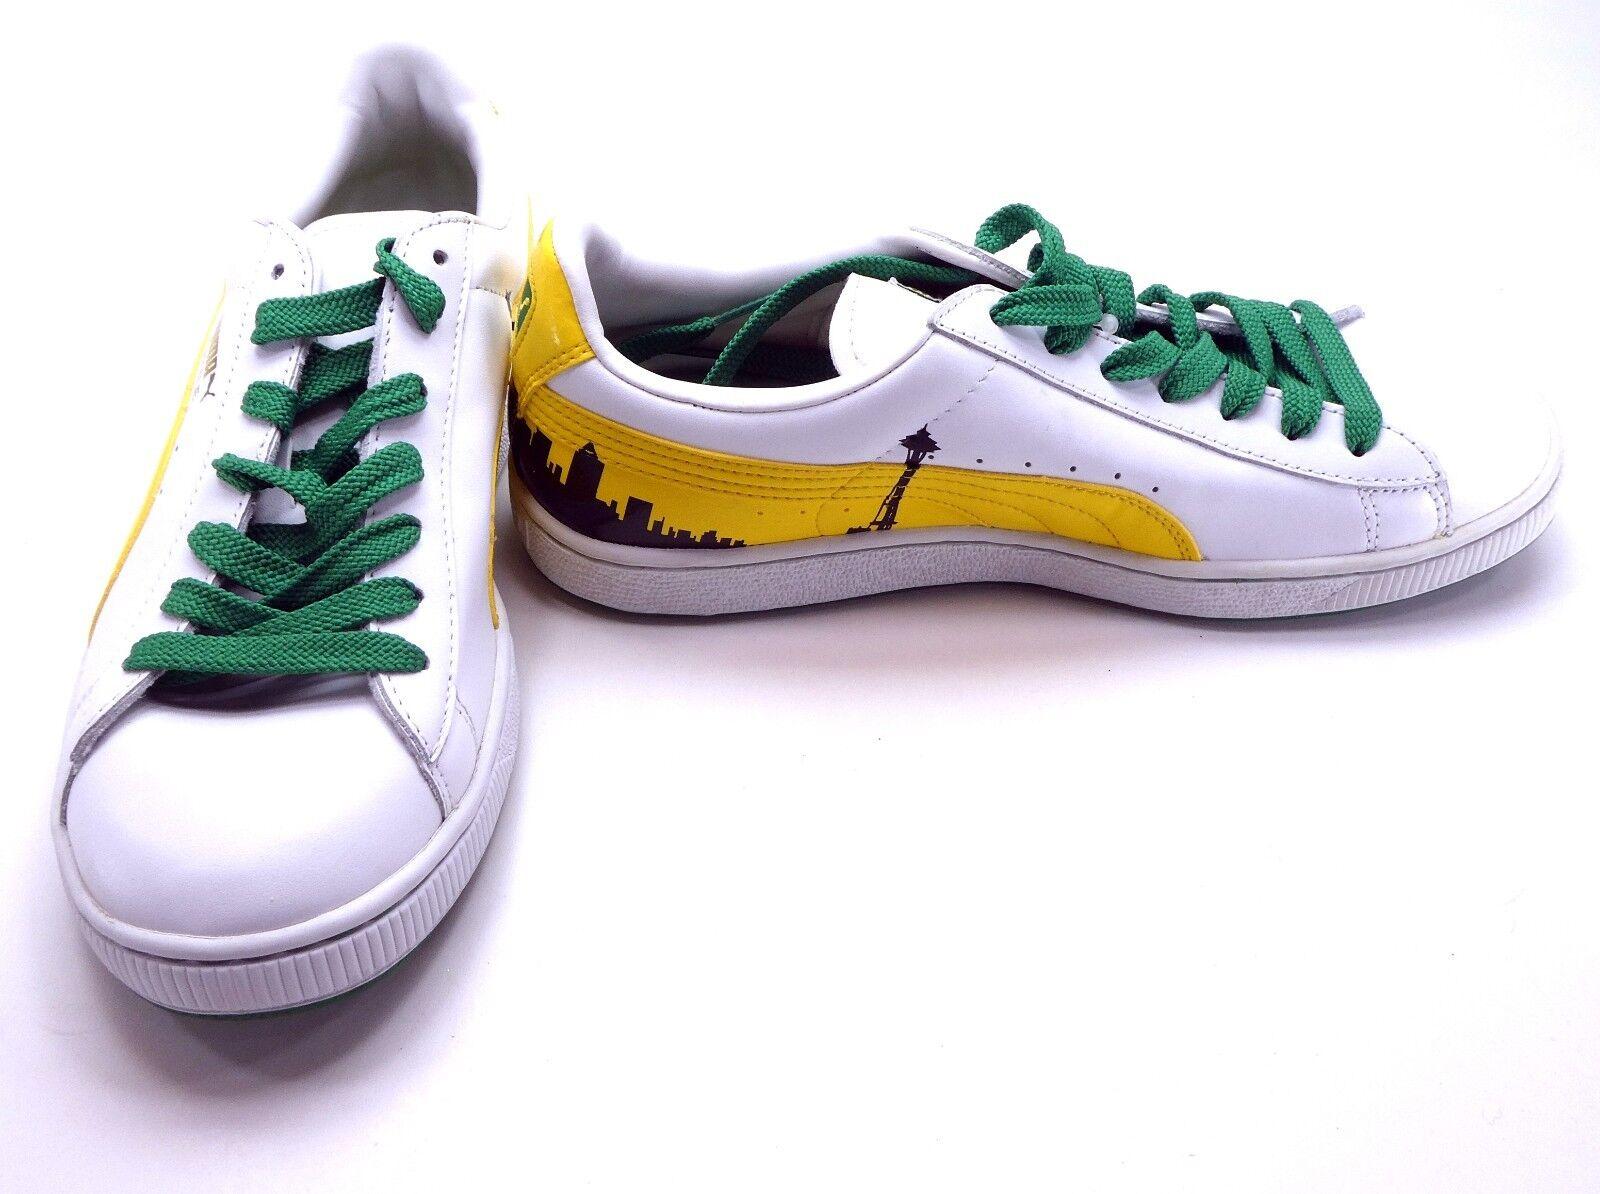 Basket Zapatos Blanco Blancoamarilloverde Champs Años 70 Puma FwnTEqaT